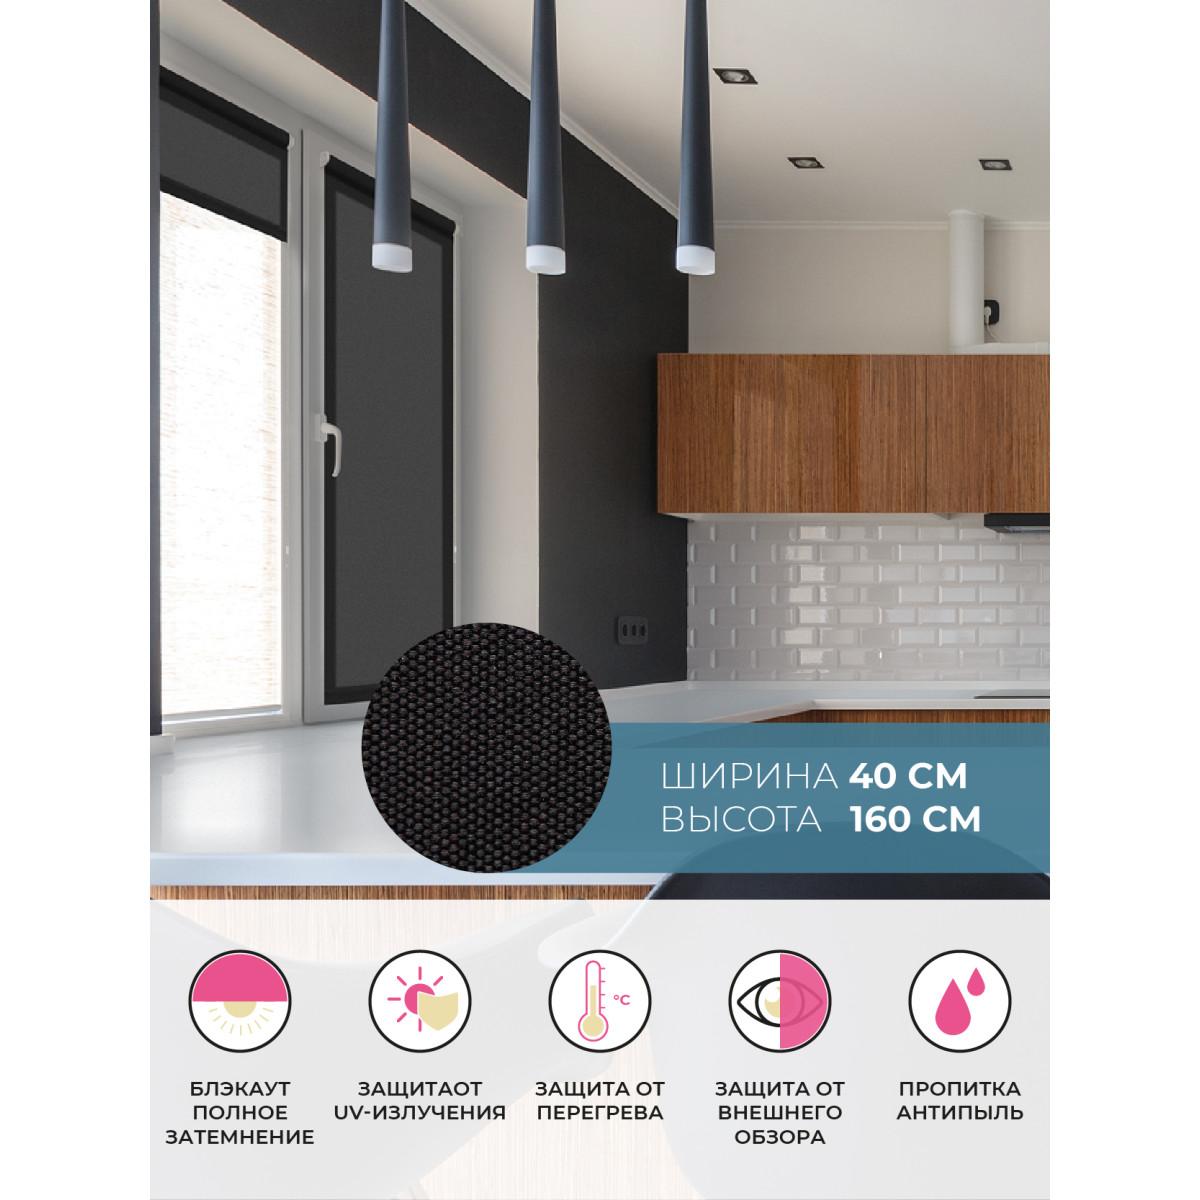 Рулонная Ора Decofest Блэкаут Плайн 40Х160 Цвет Черный